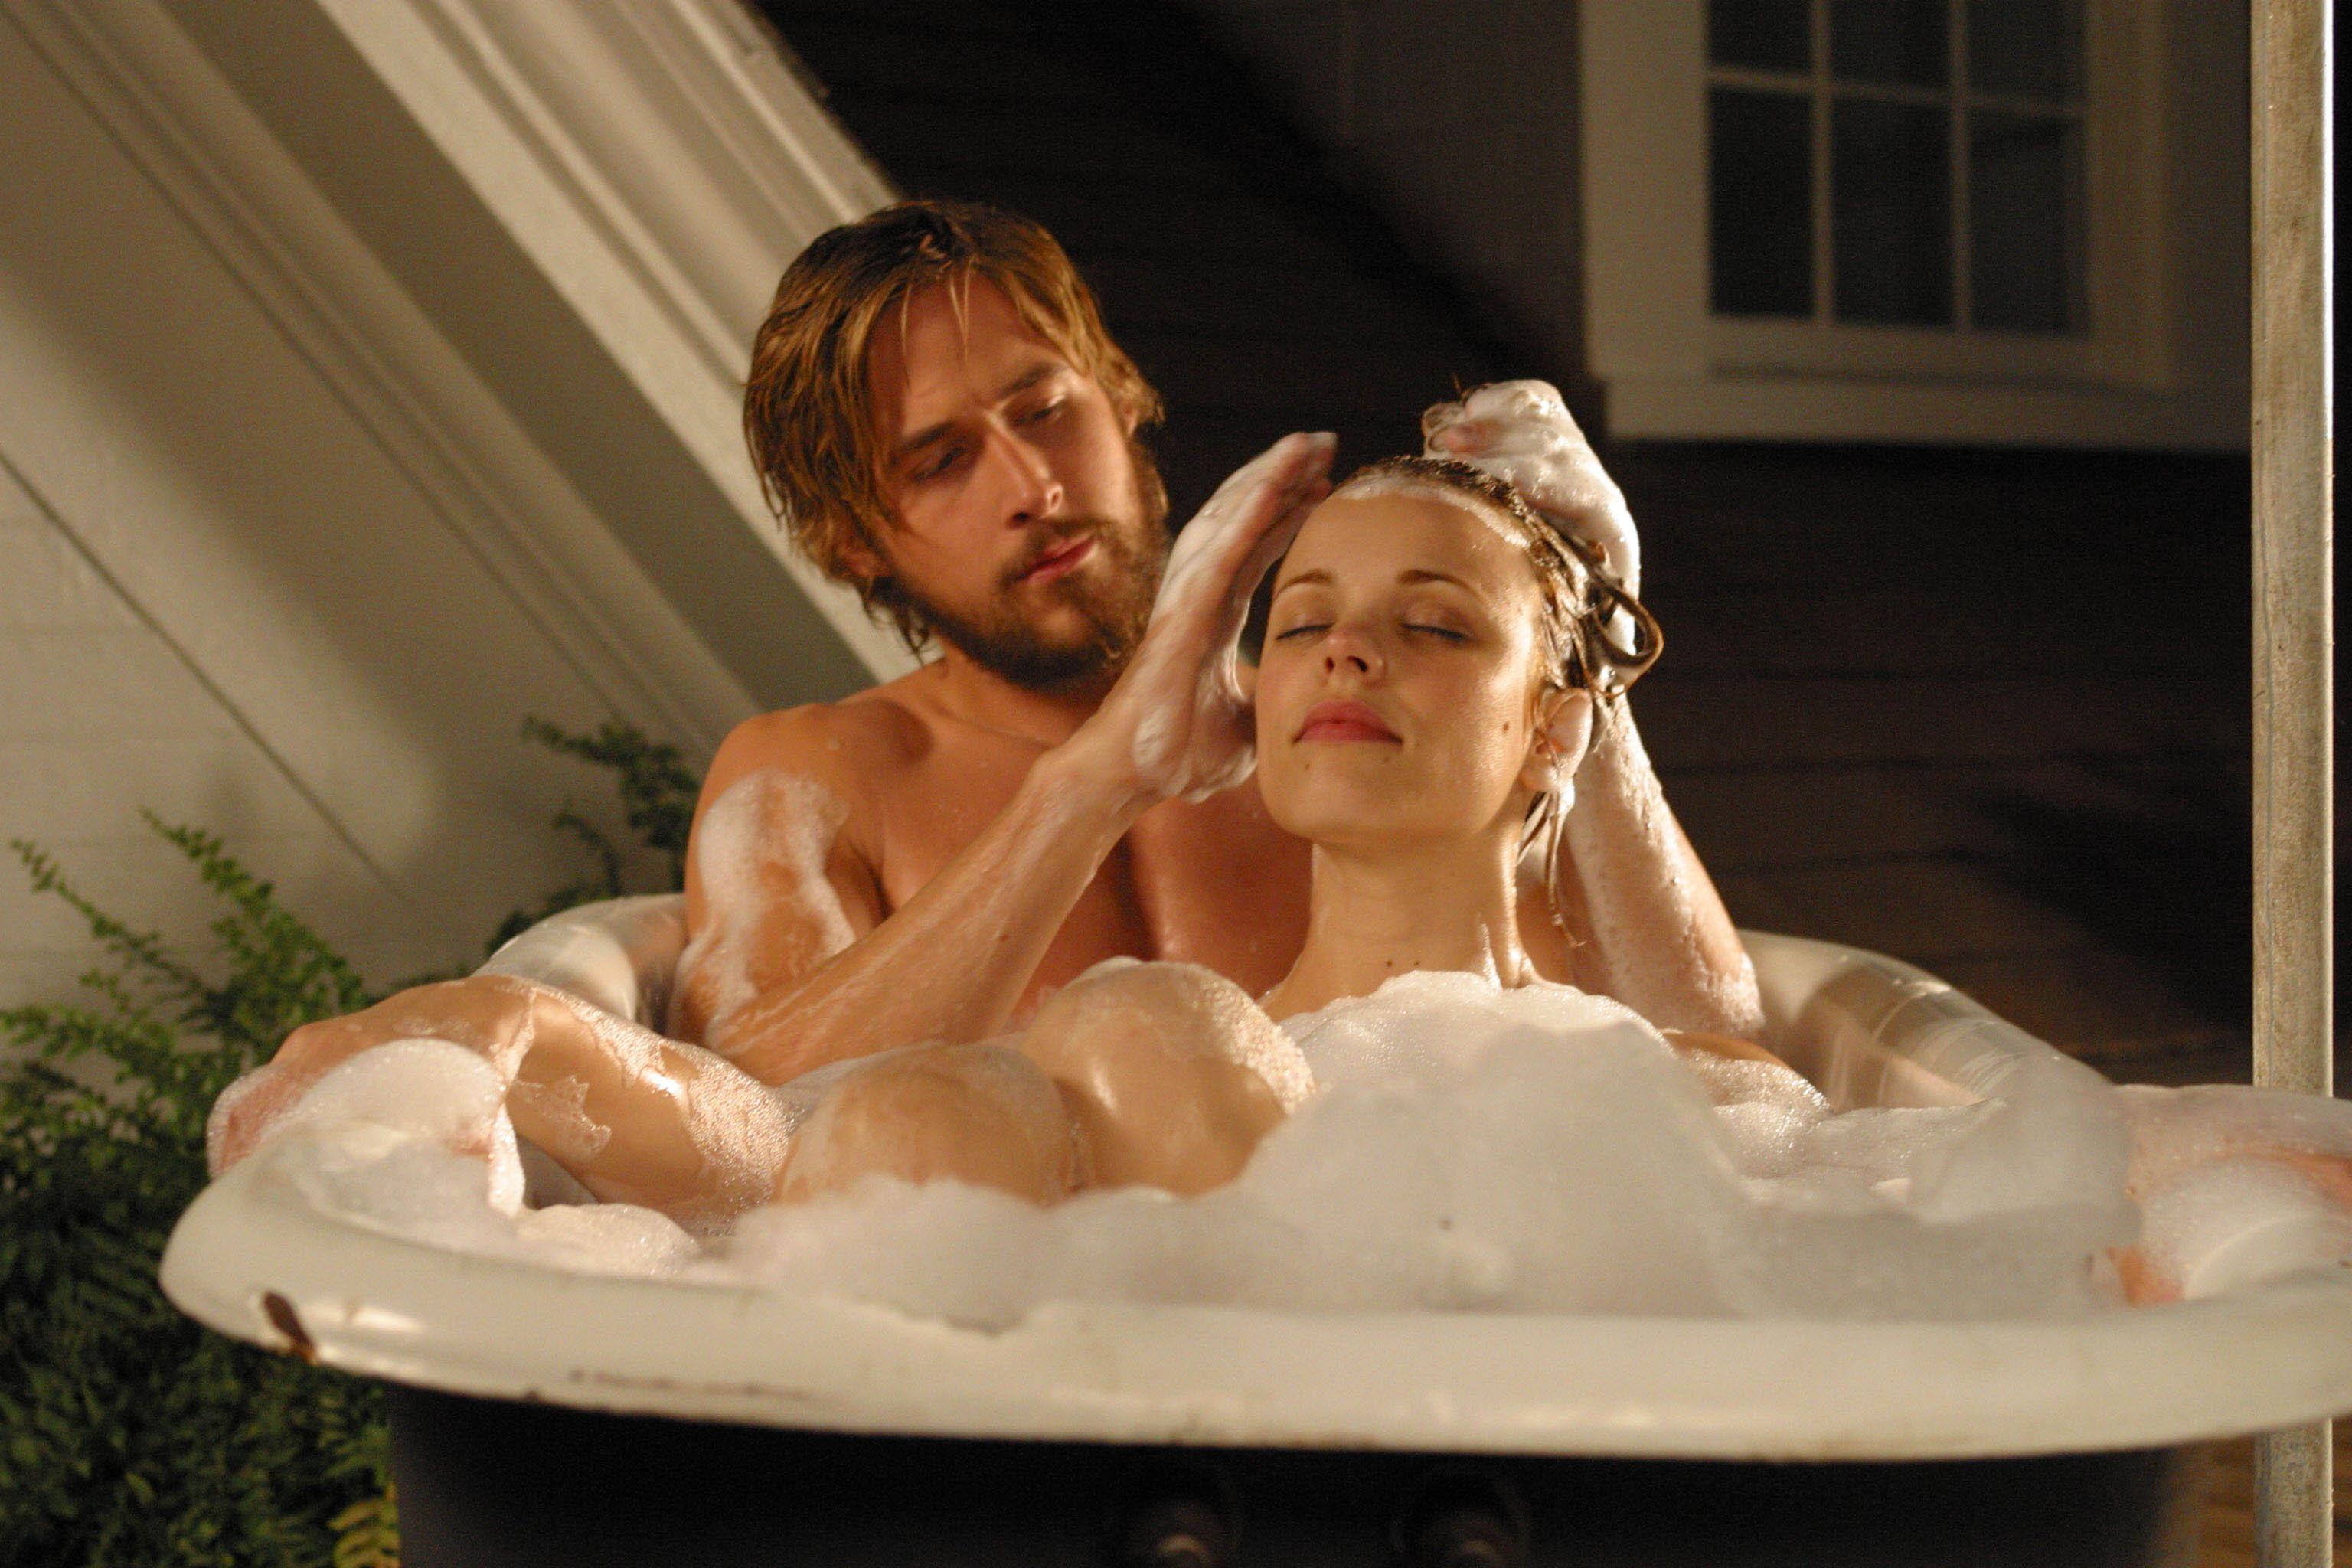 Смотреть онлайн мужчина в ванной 3 фотография